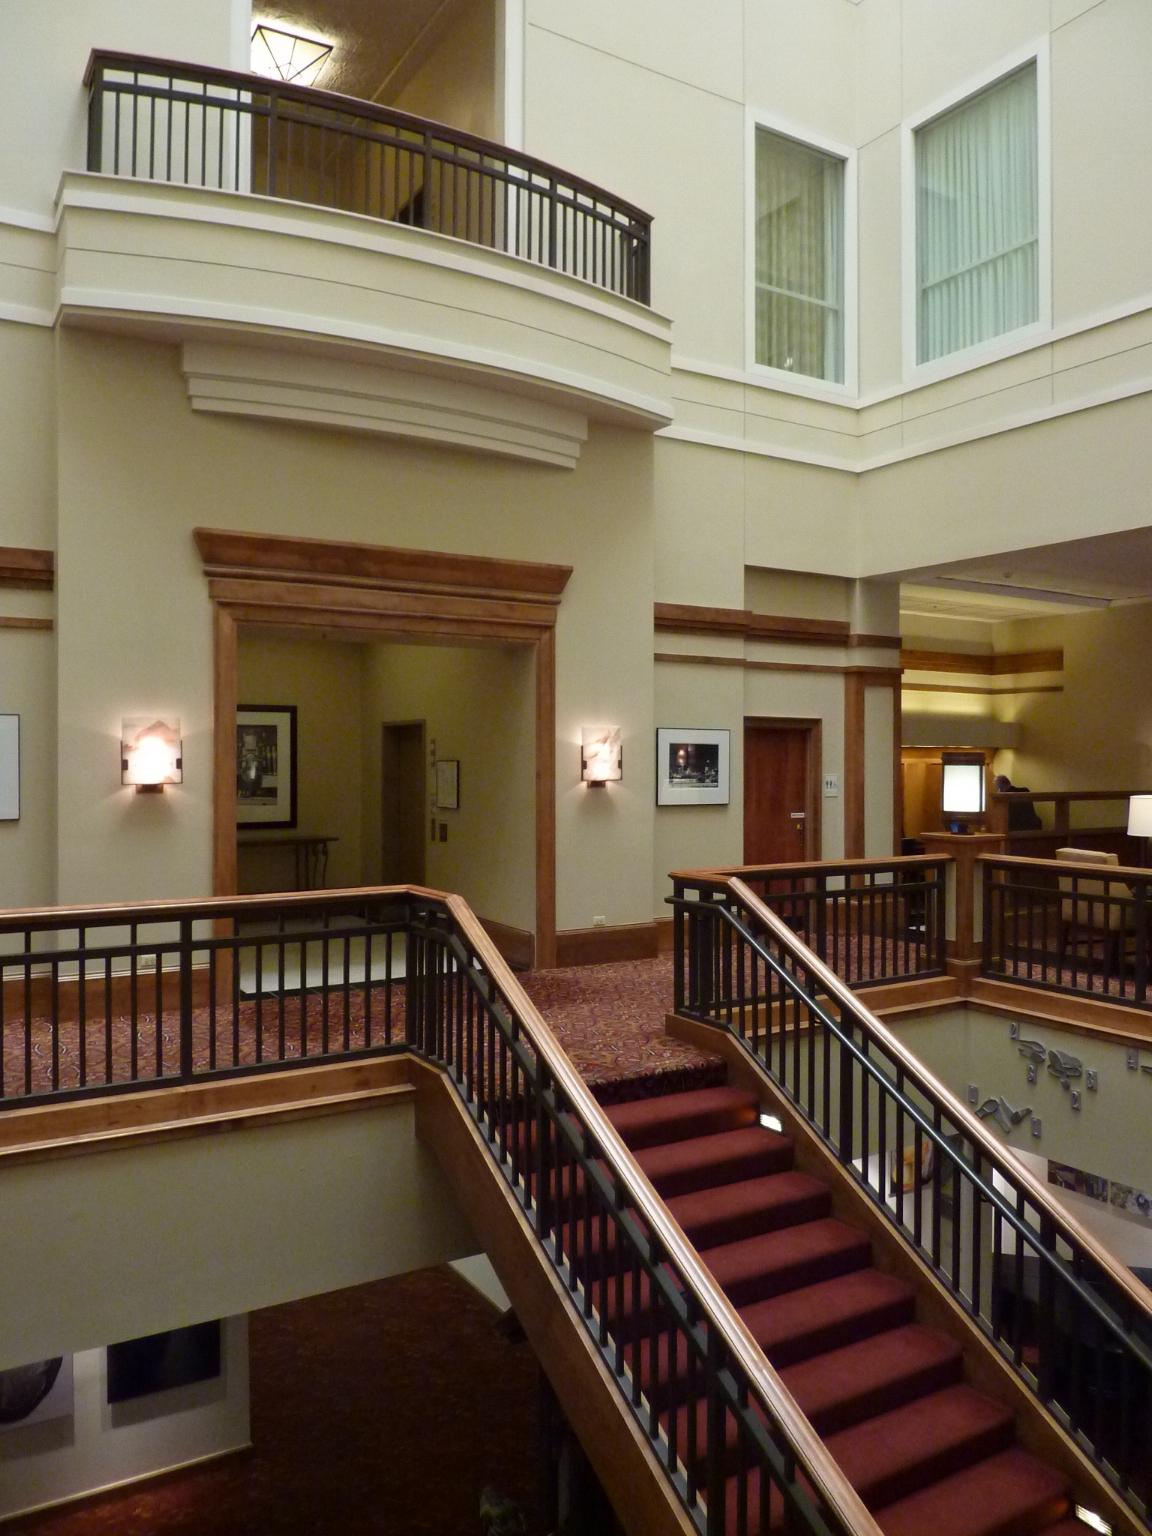 View of atrium stair